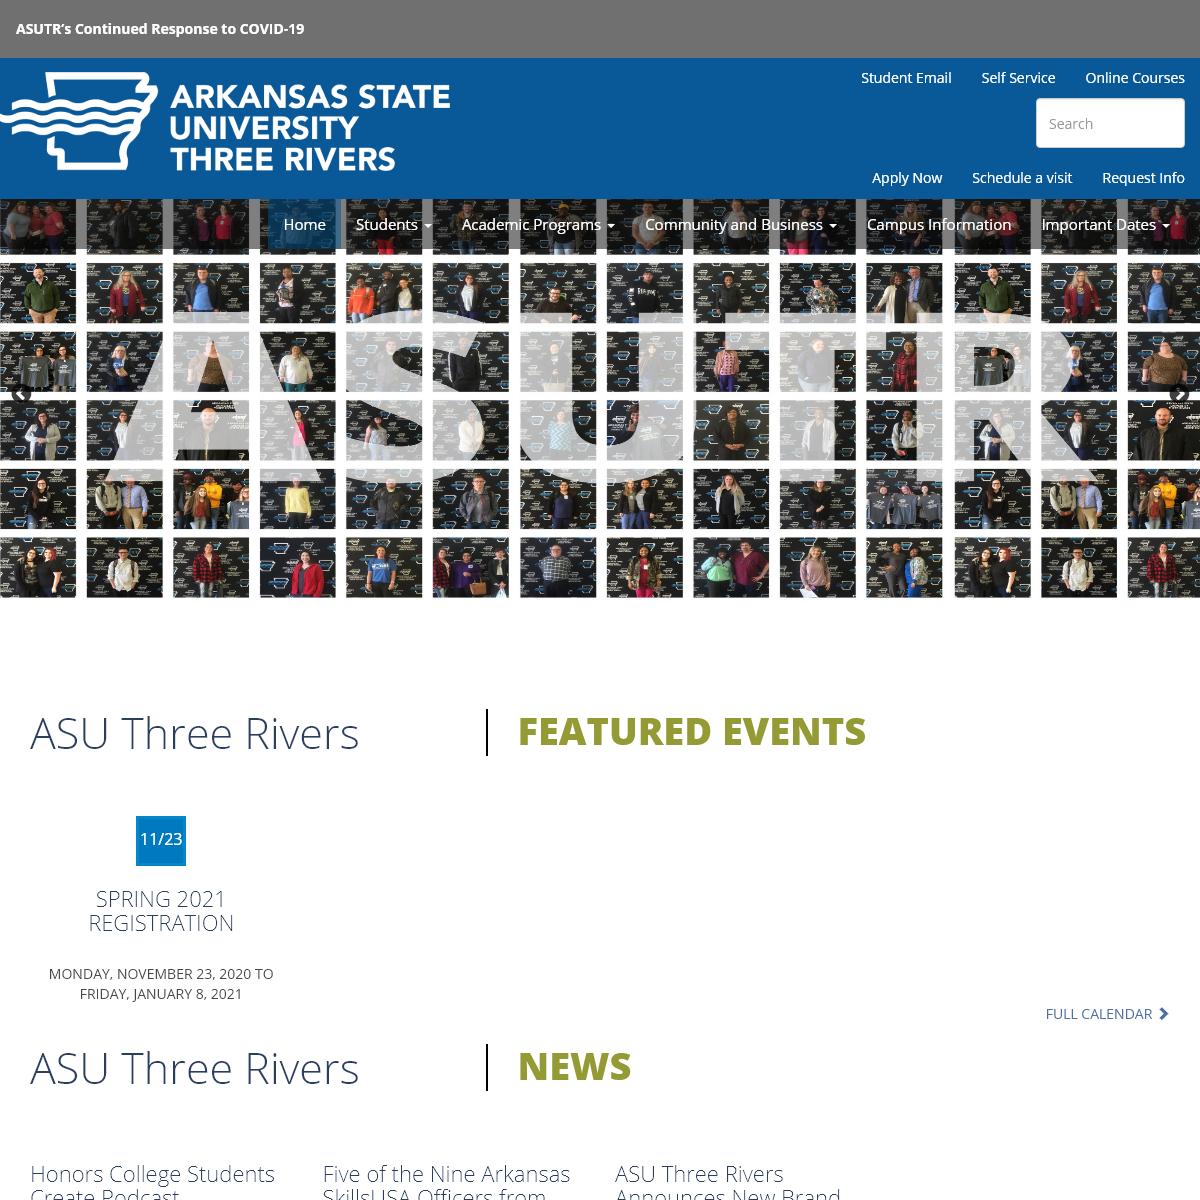 asutr.edu